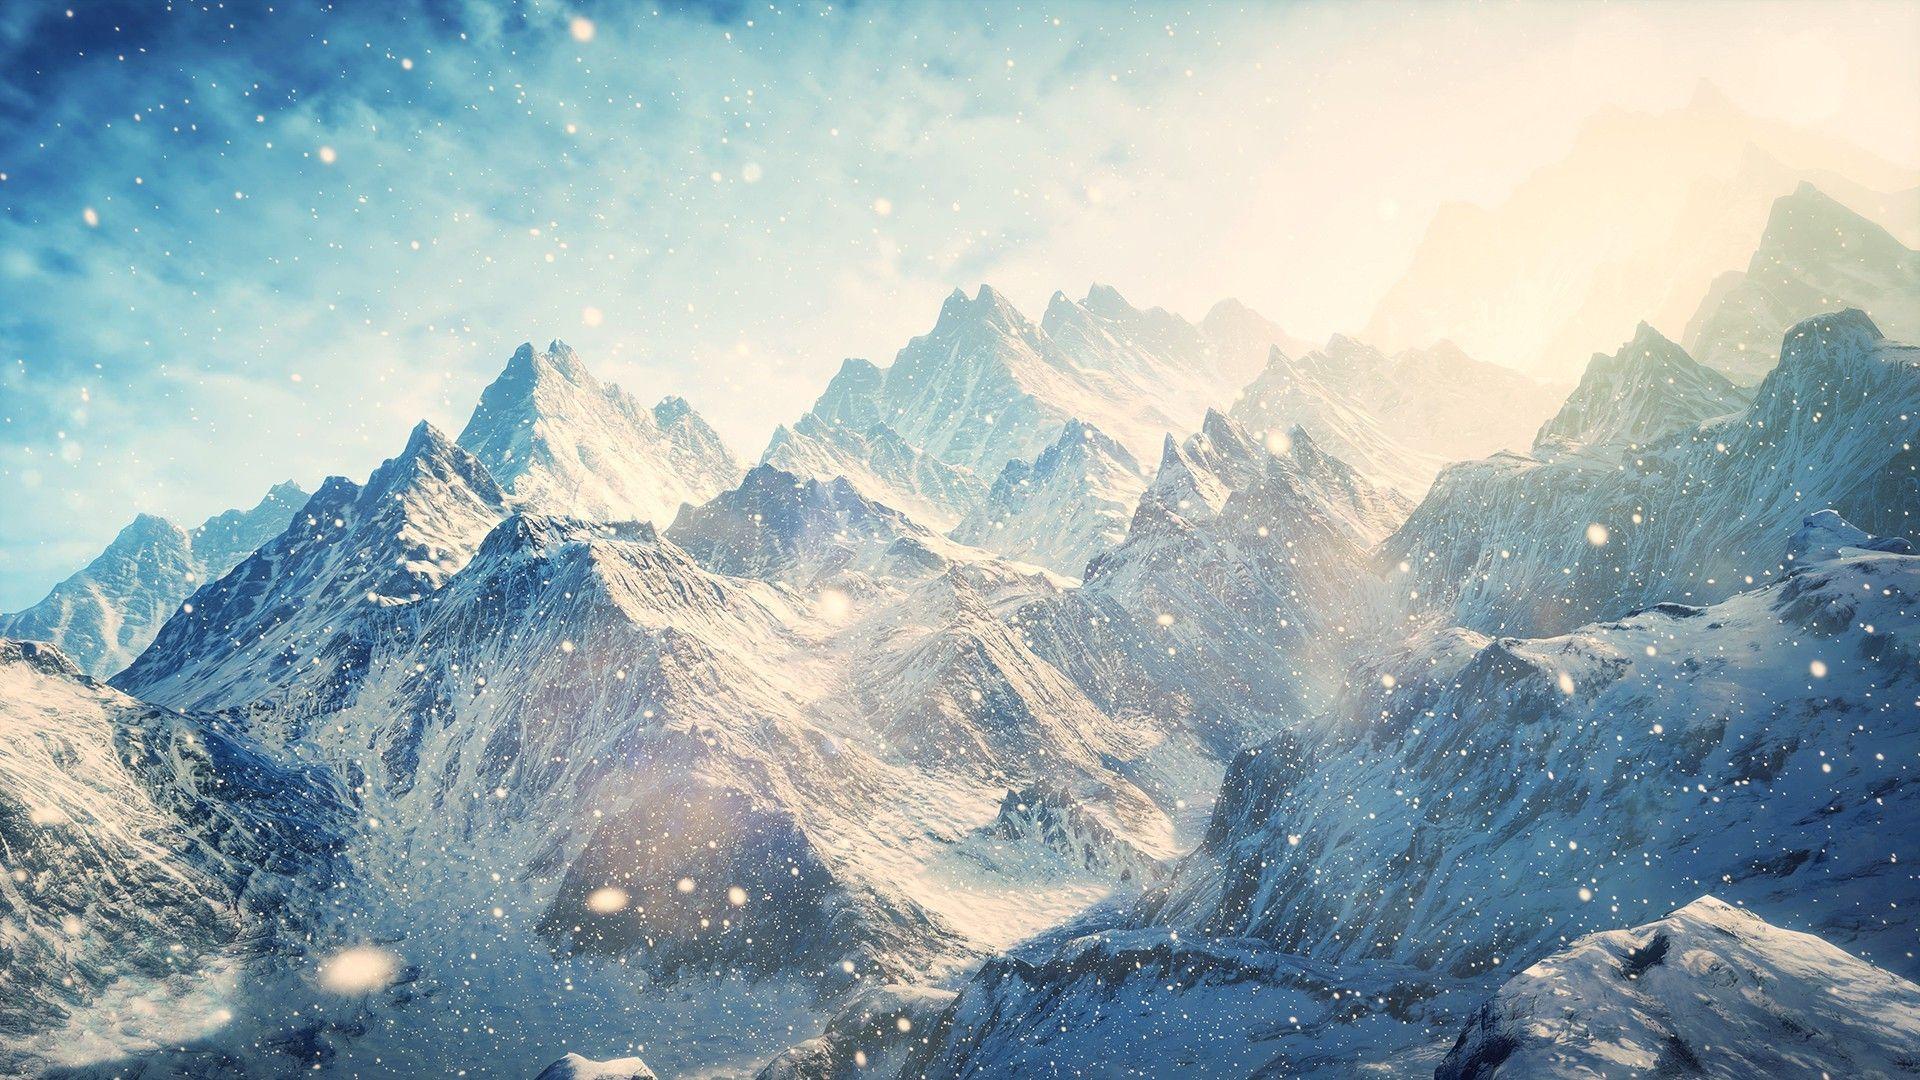 Snow Mountains Nature & Landscape desktop wallpapers 1